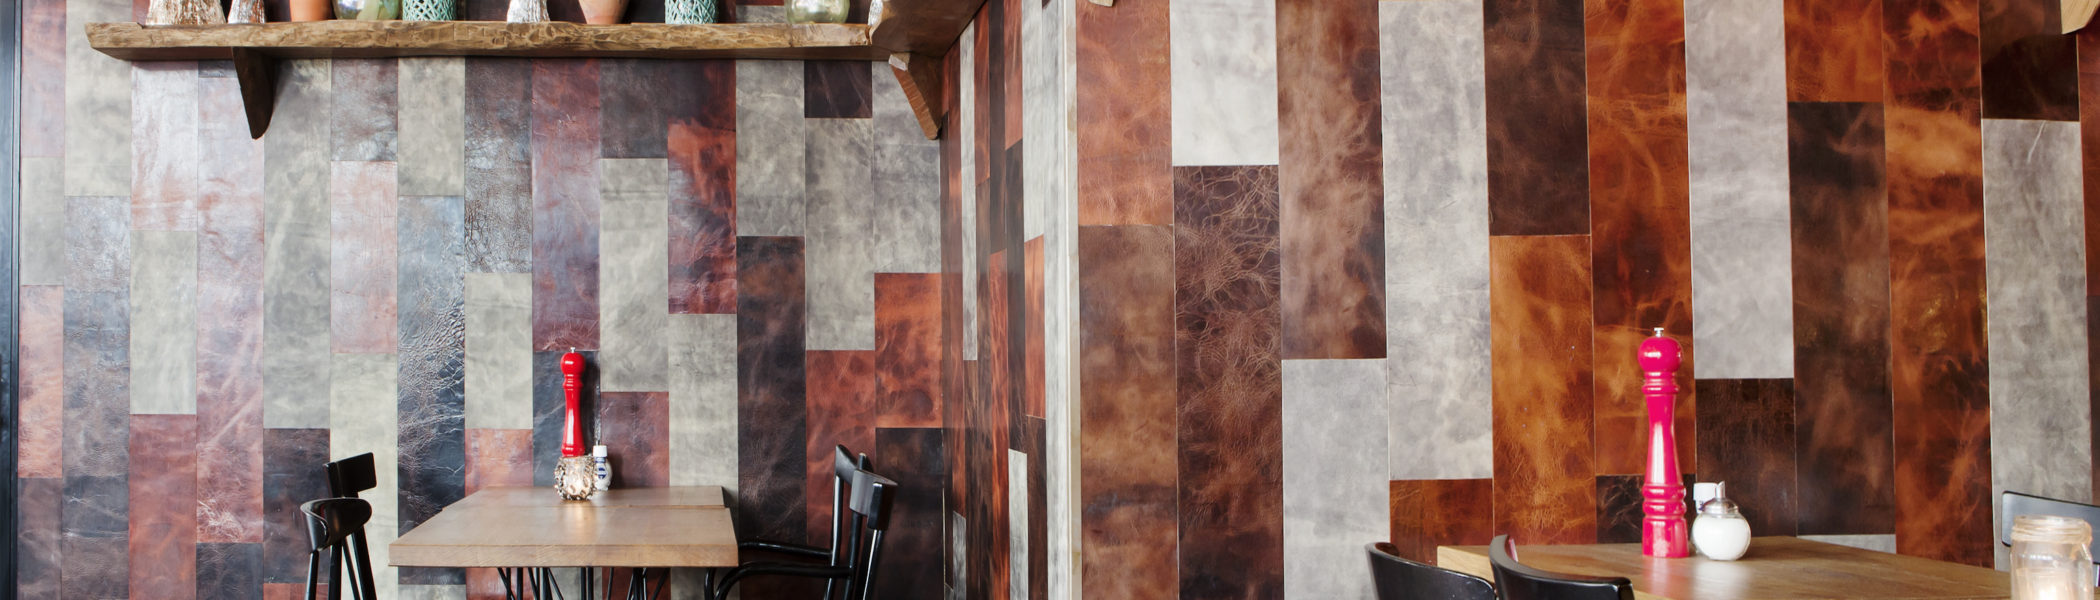 restaurant-zaandam-manzo-bar-bistro-entresol-interieur